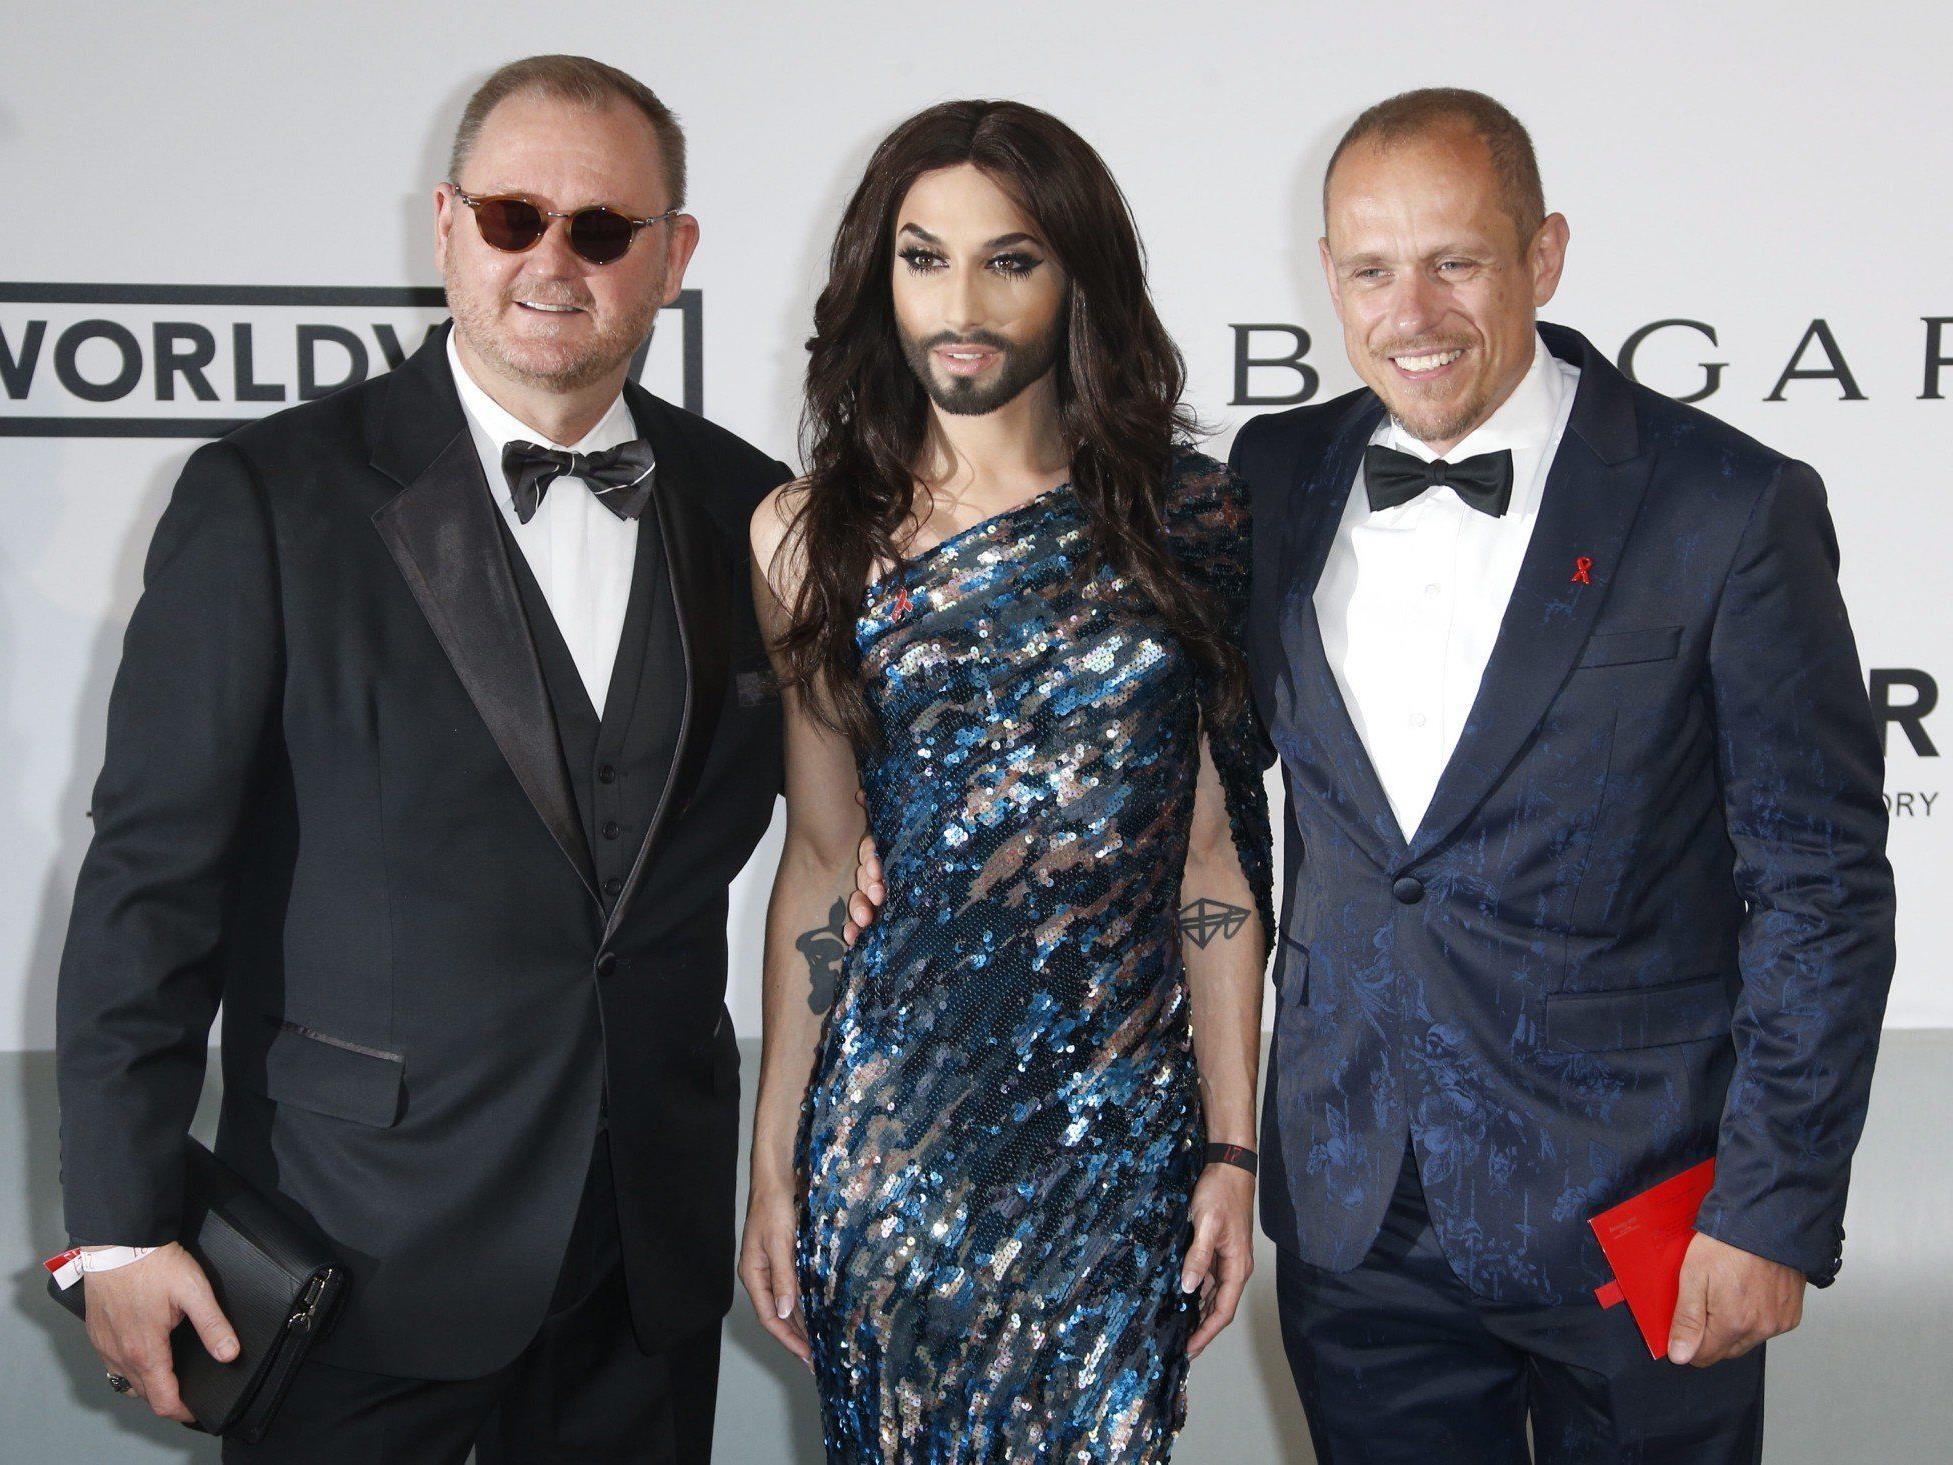 Spendenrekord bei Aids-Gala am Rande von Filmfestival in Cannes